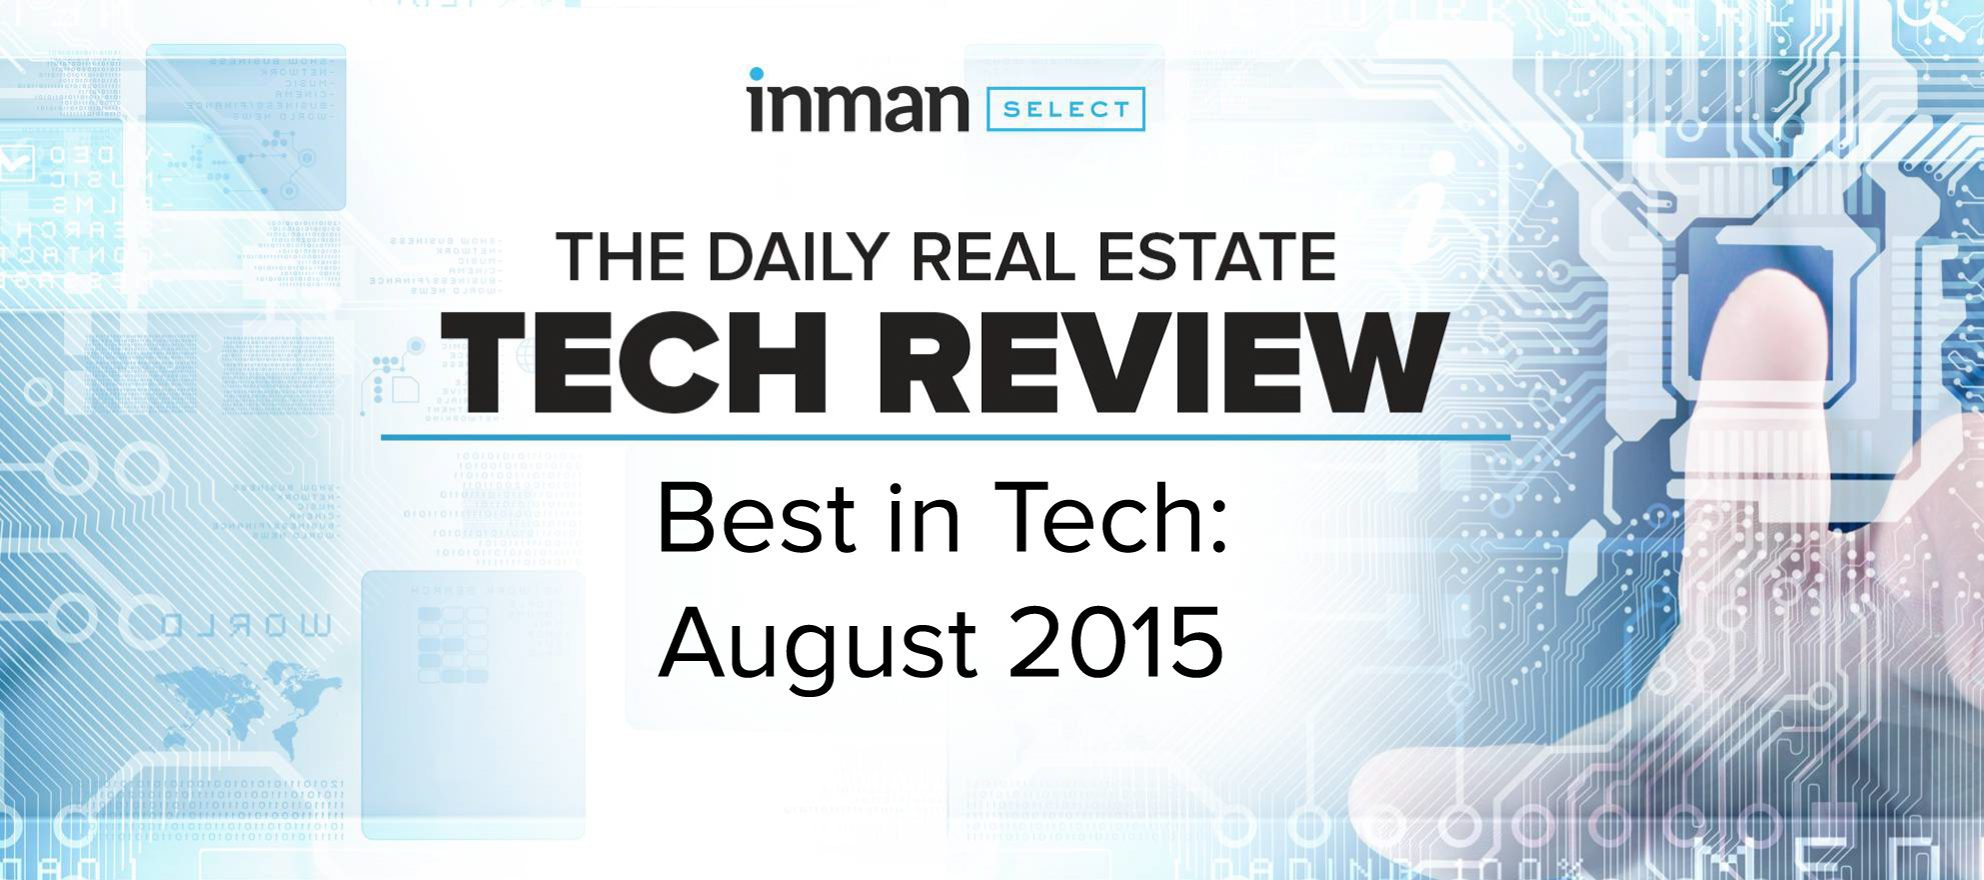 Best in tech: August 2015